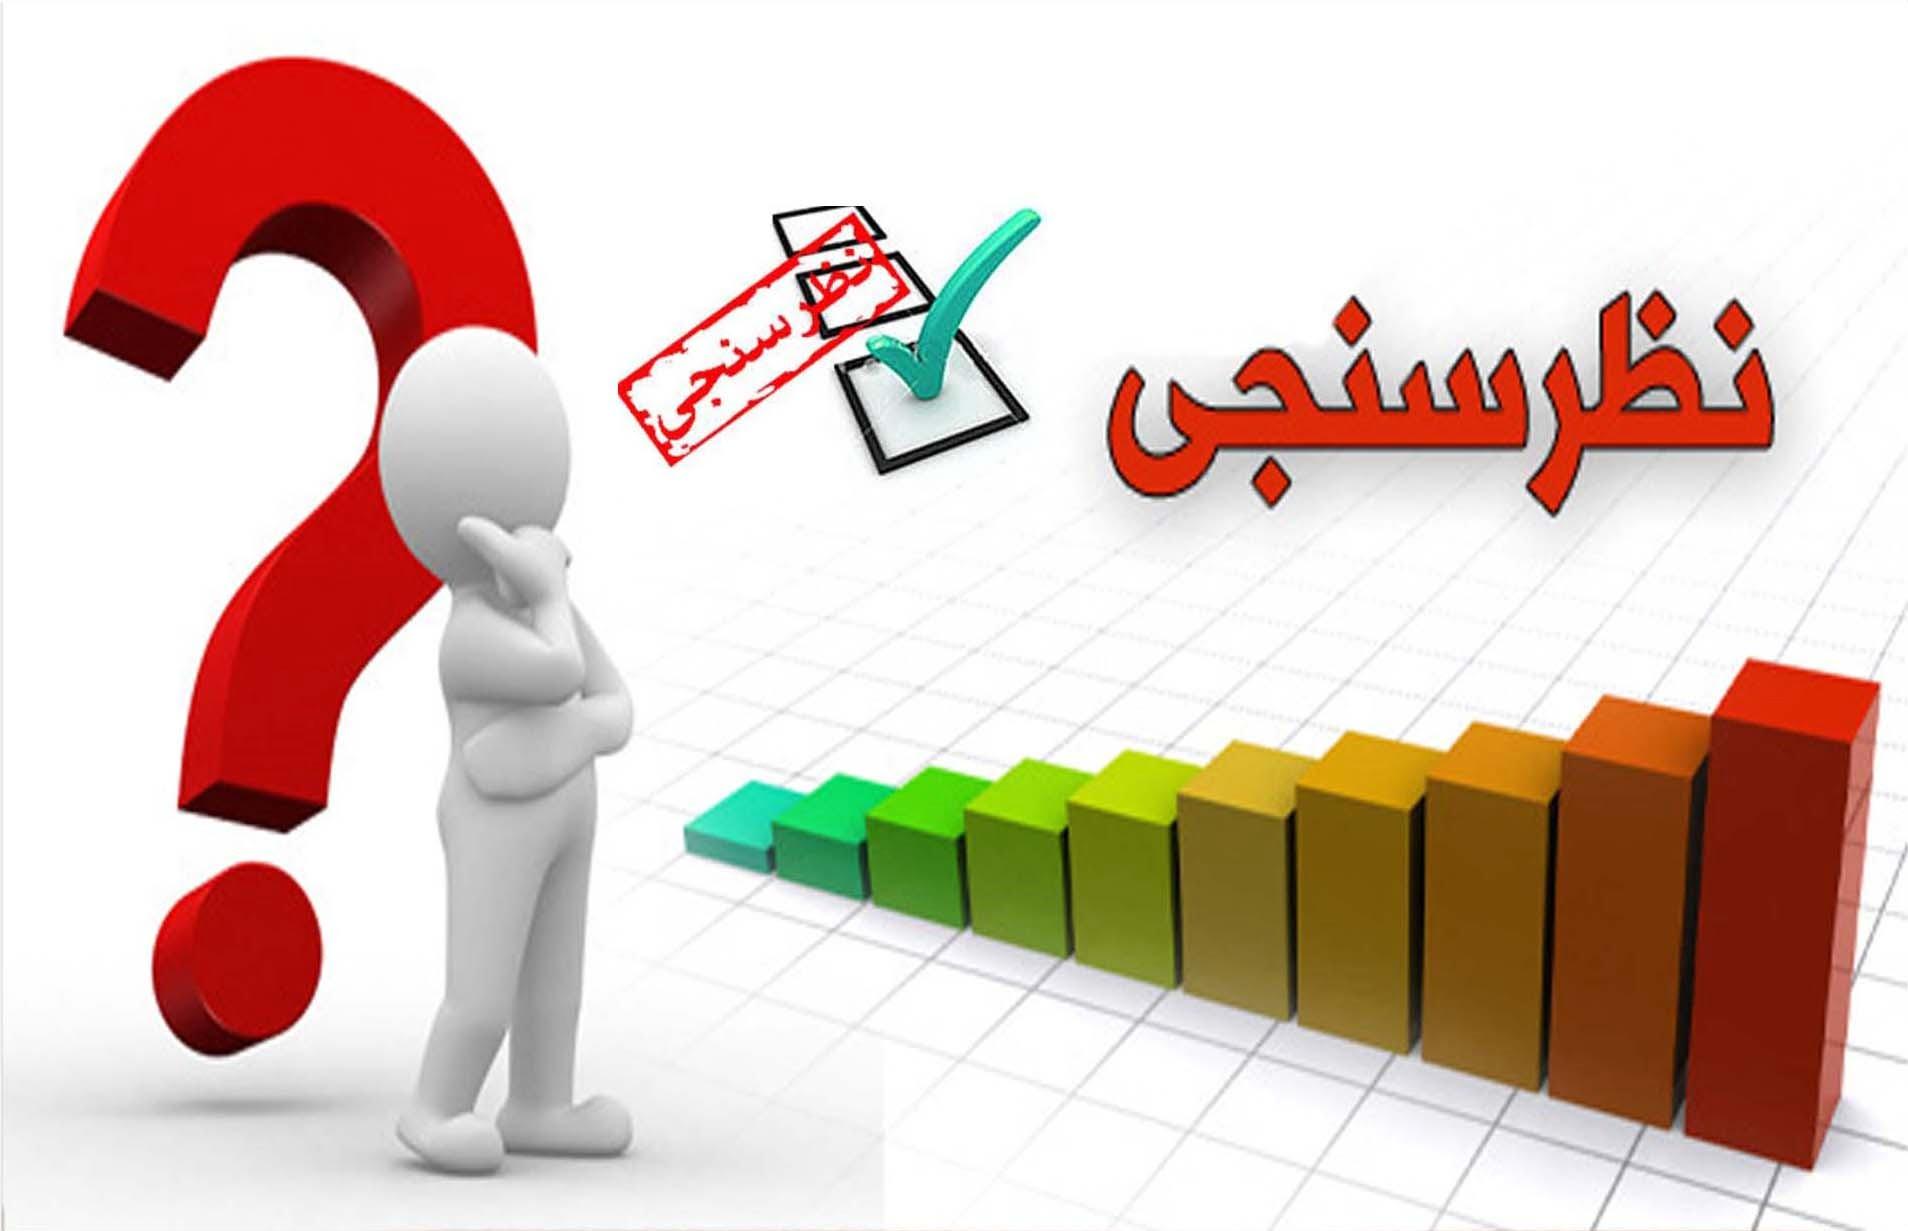 نظرسنجی. - نظرسنجی جدید مرکز تحقیقاتی بنیاد آسیا